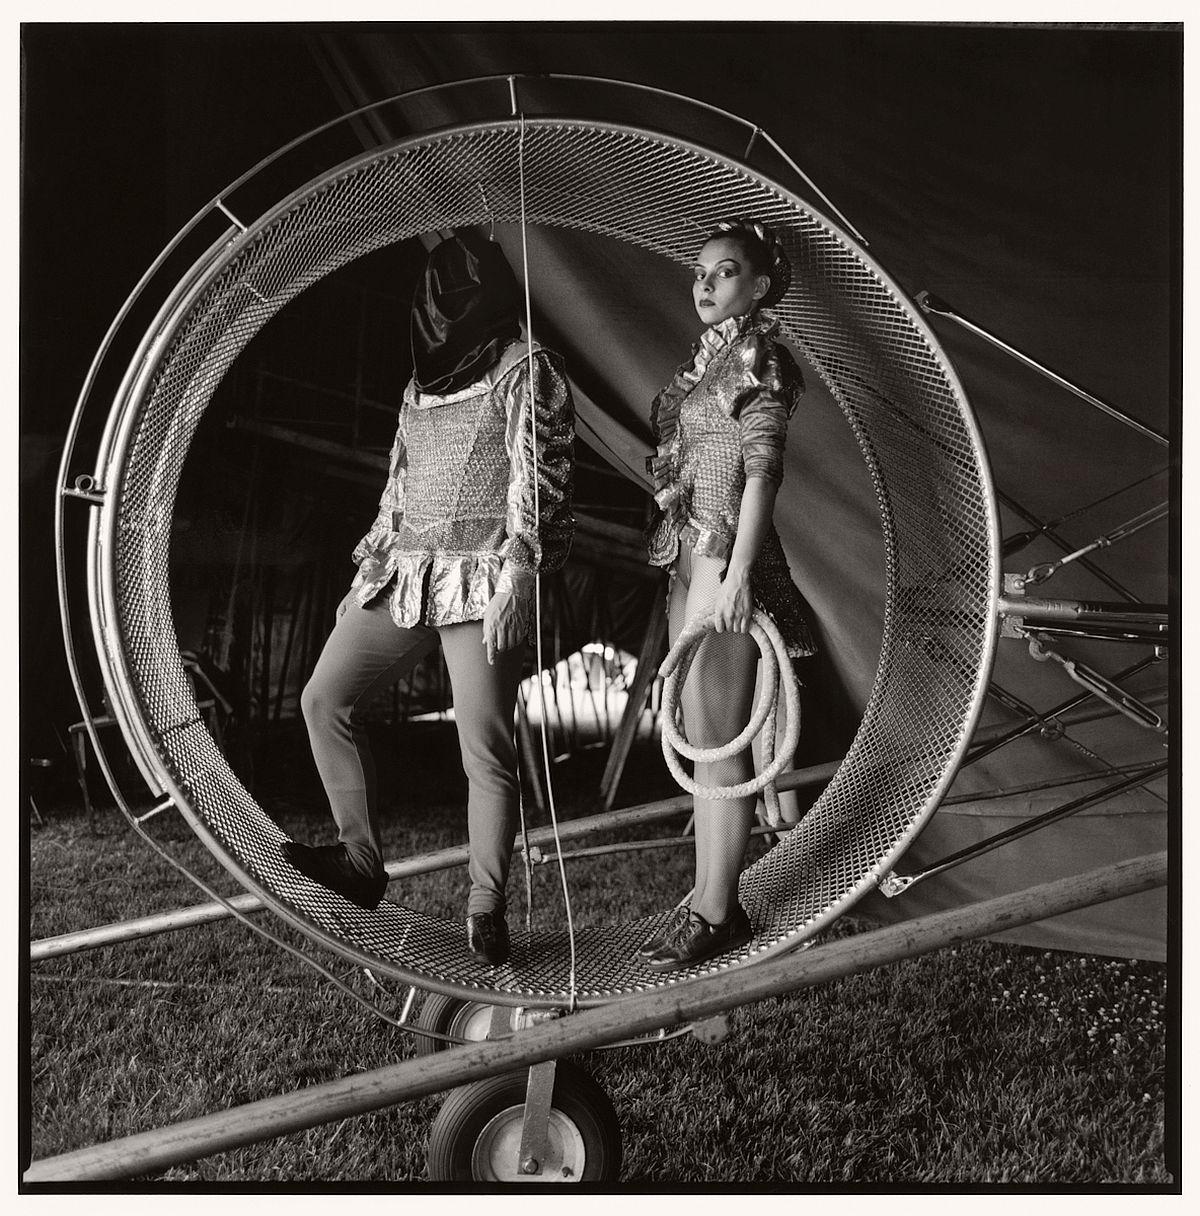 norma-i-quintana-portrait-circus-07